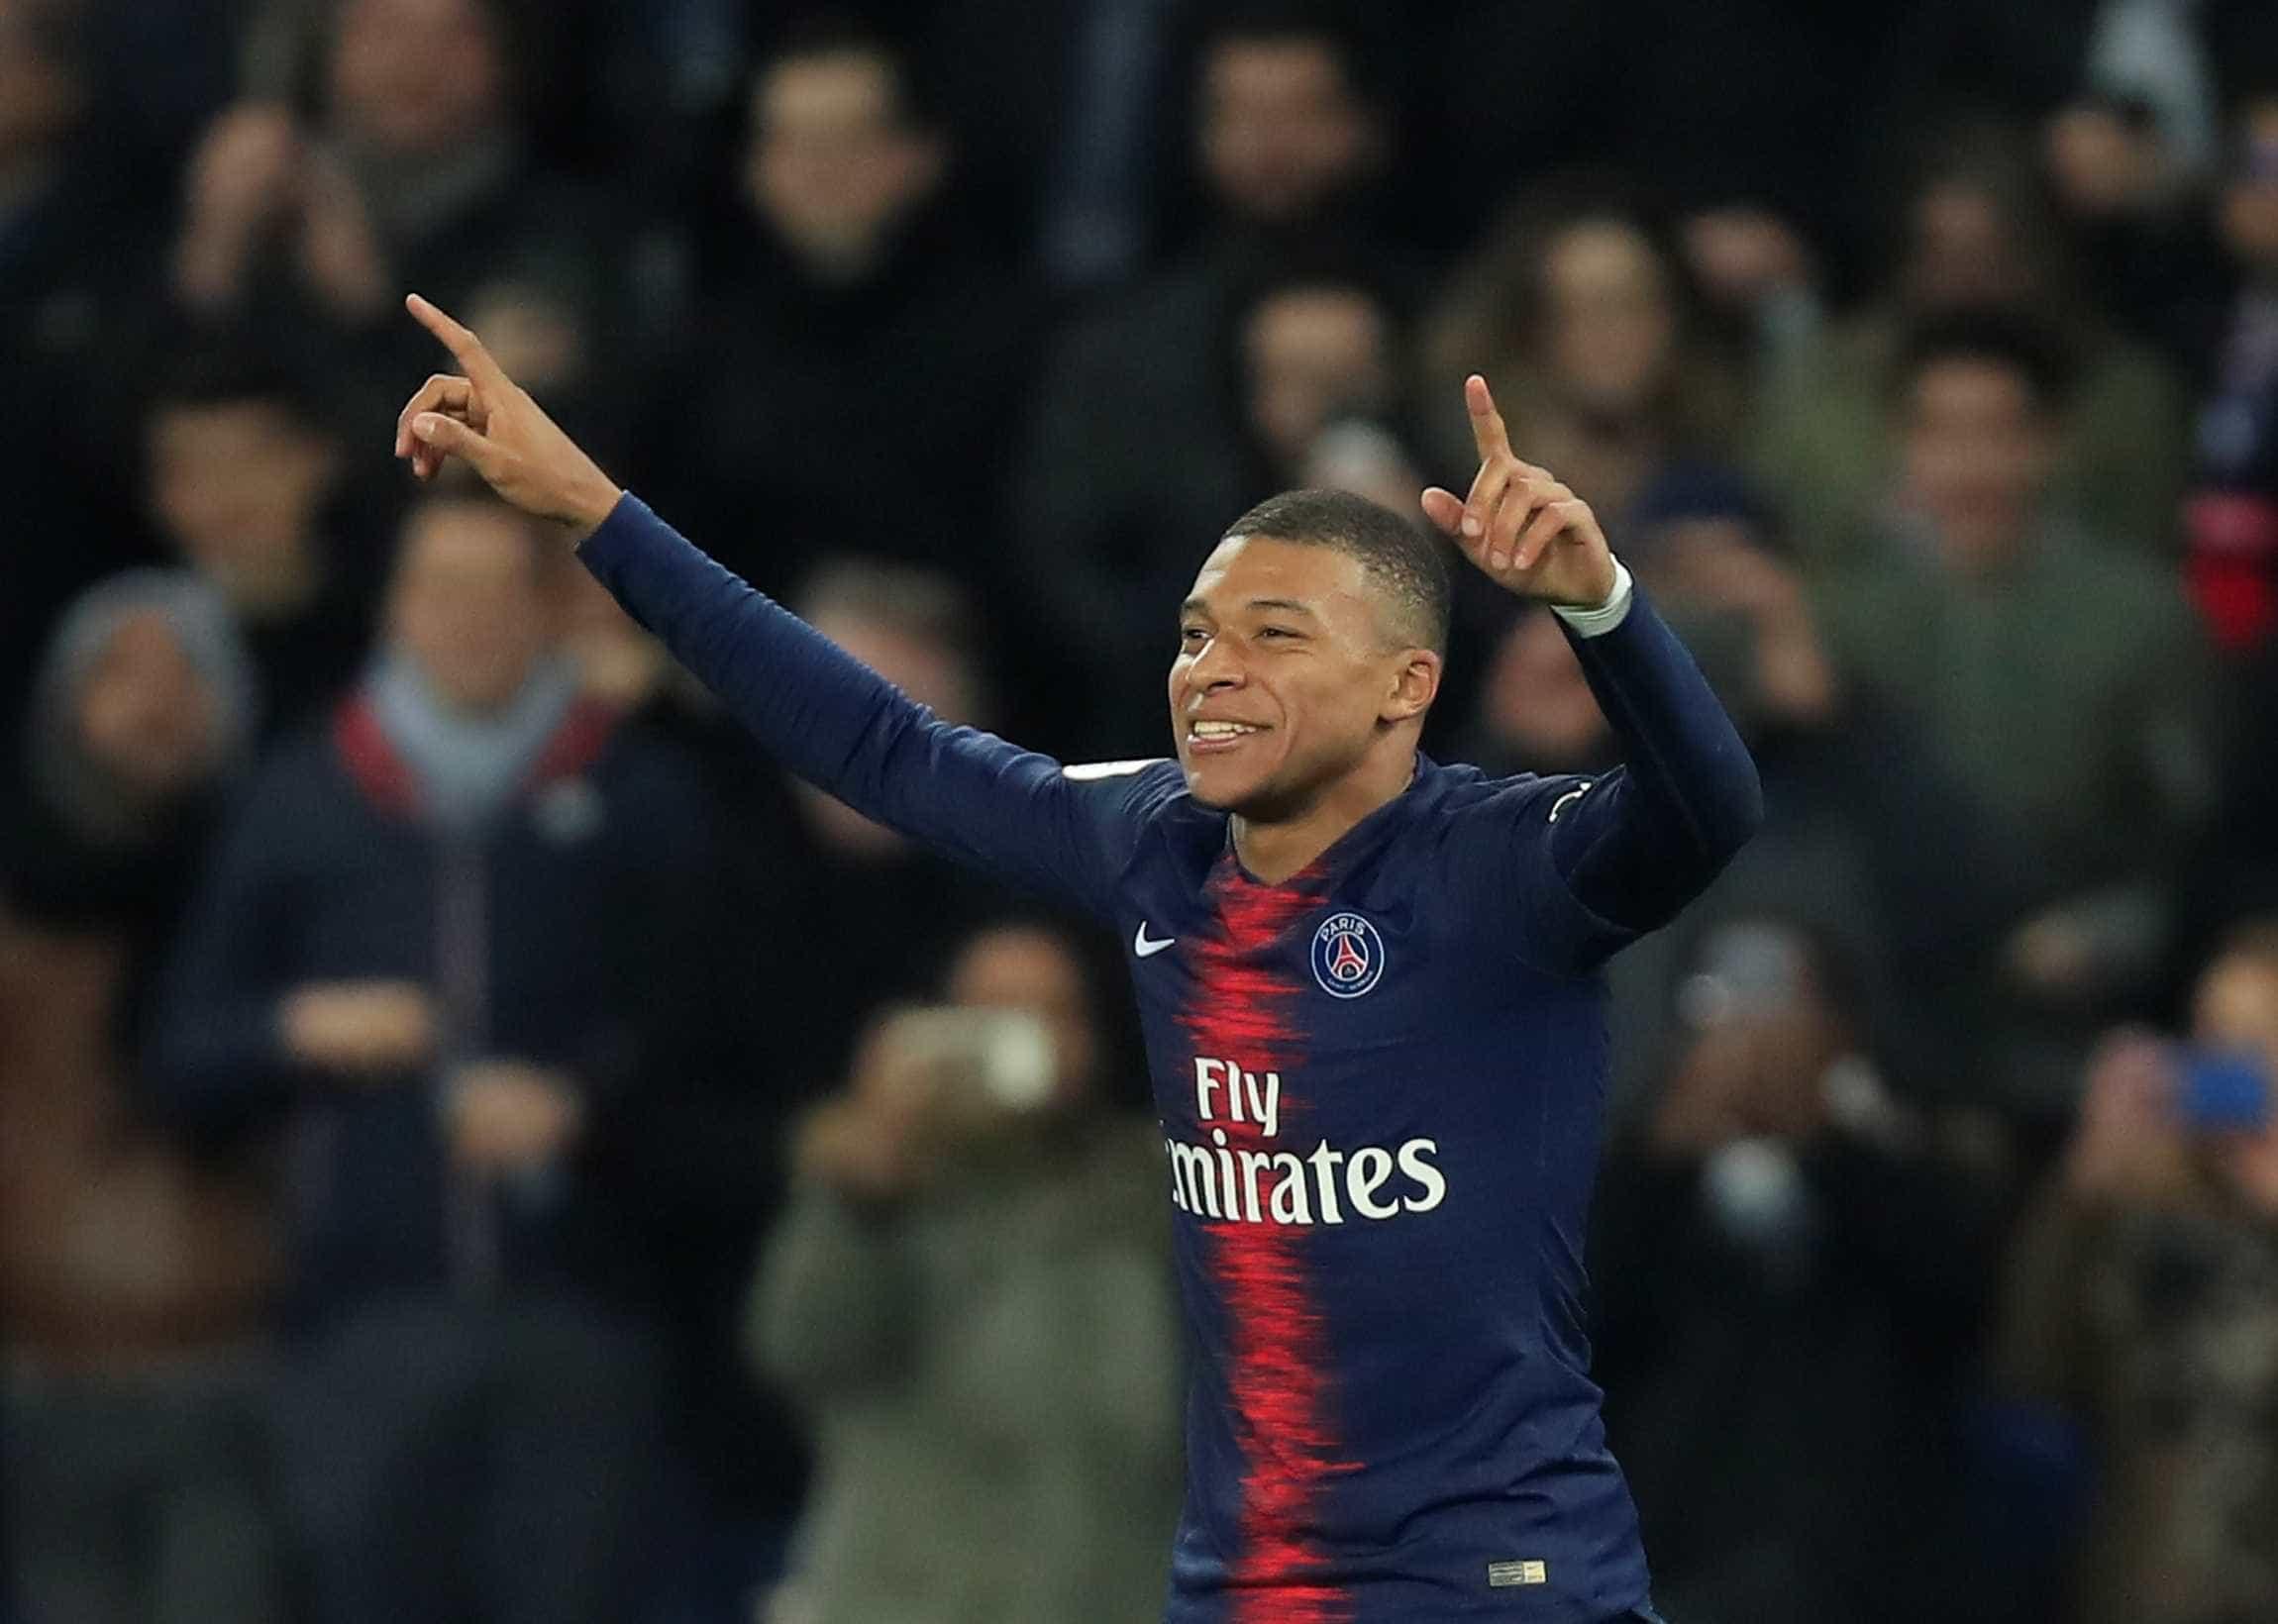 PSG massacra Montpellier e abre vantagem de 15 pontos no Francês